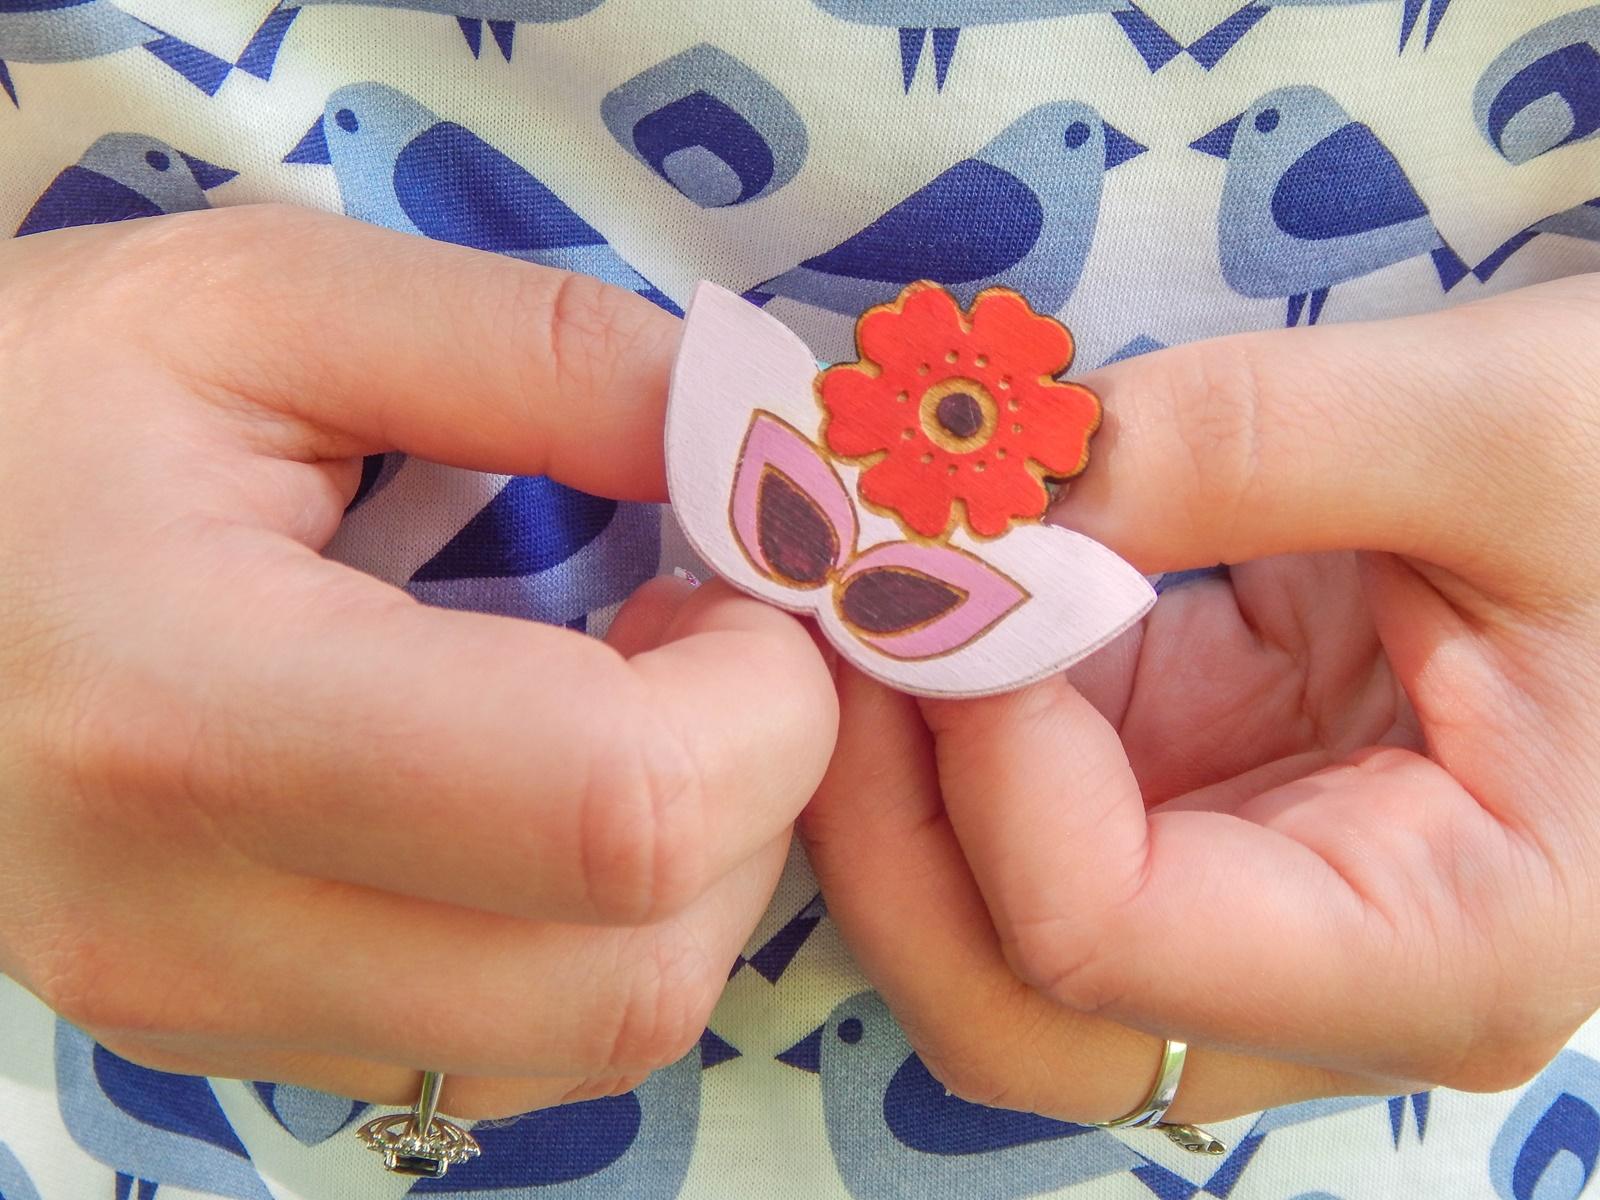 6 samodobro dwukroopek dwustronna sukienka dla mamy prezent na dzień matki drewniana biżuteria wróbel i dzika róża metka z opowiadaniem ciekawe mlode polskie marki odzieżowe moda lifestyle łódź